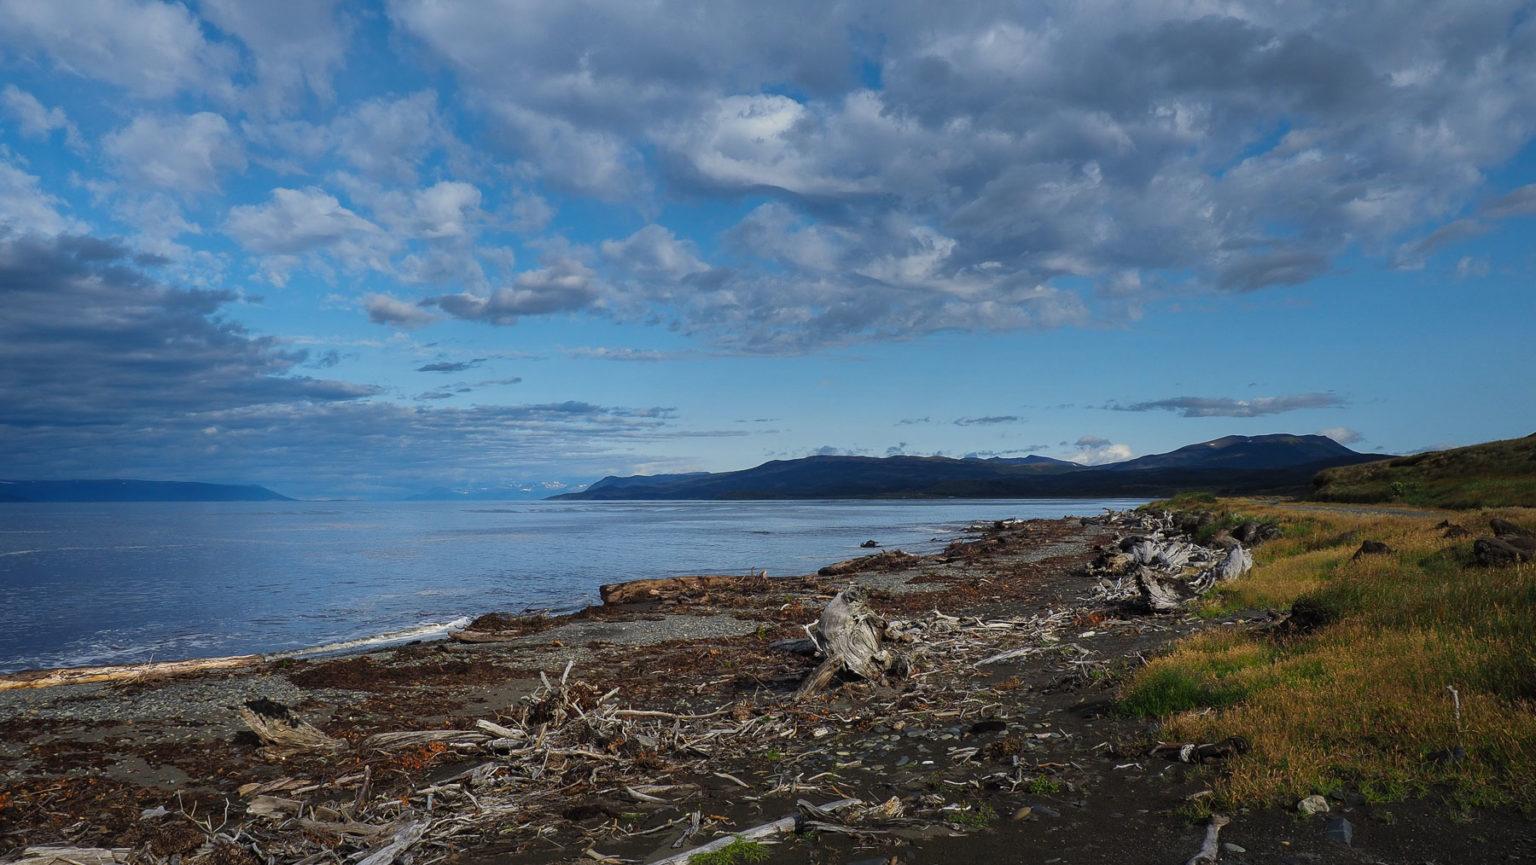 Wilde einsame Küstenlandschaft